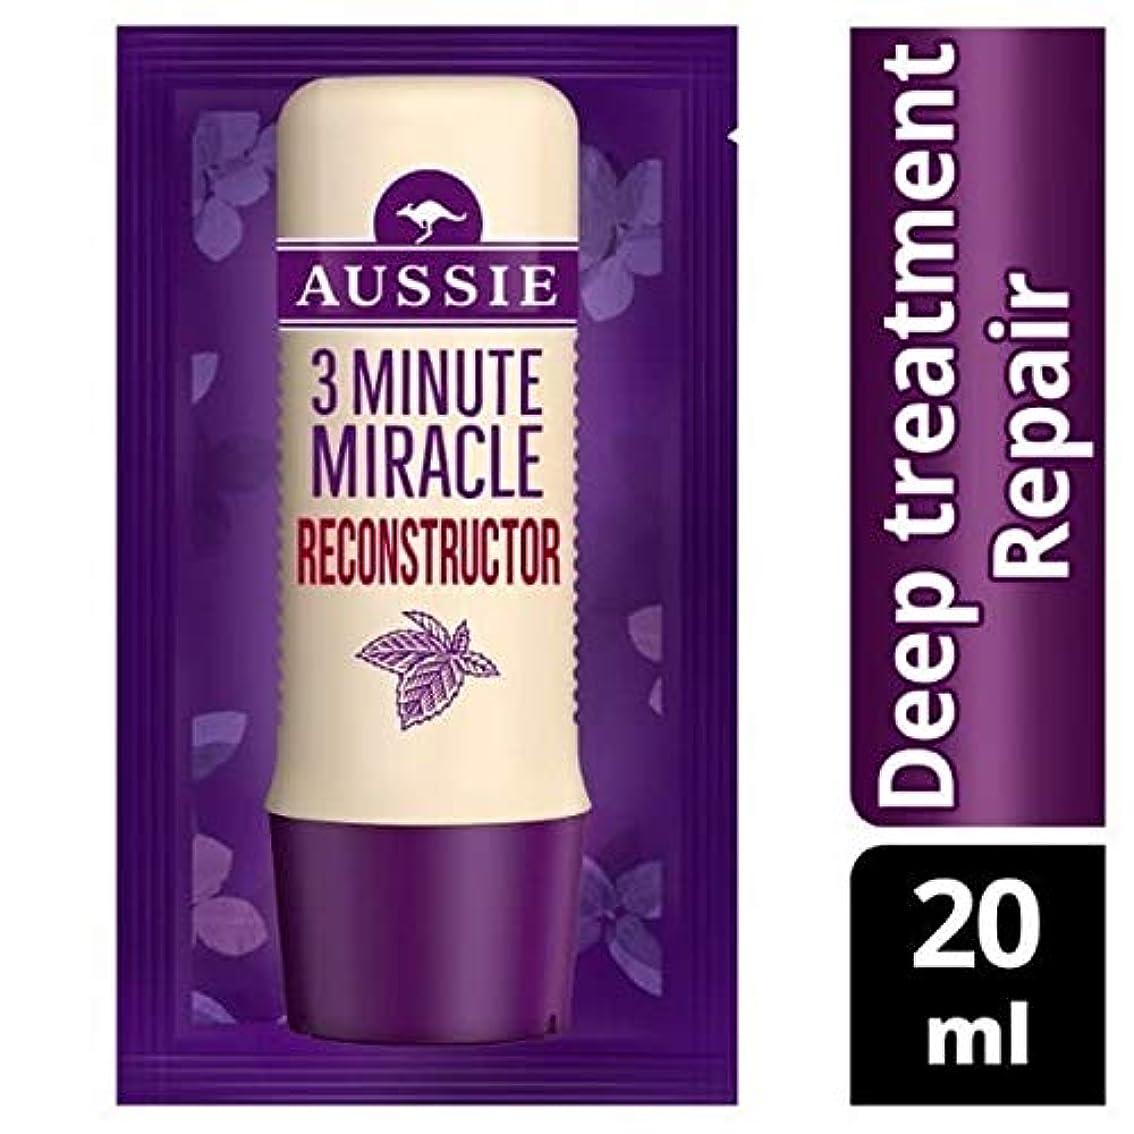 壊滅的なインターネット音[Aussie ] オーストラリアの深い治療3分の奇跡の再構成の20ミリリットル - Aussie Deep Treatment 3 Minute Miracle Reconstructor 20ml [並行輸入品]